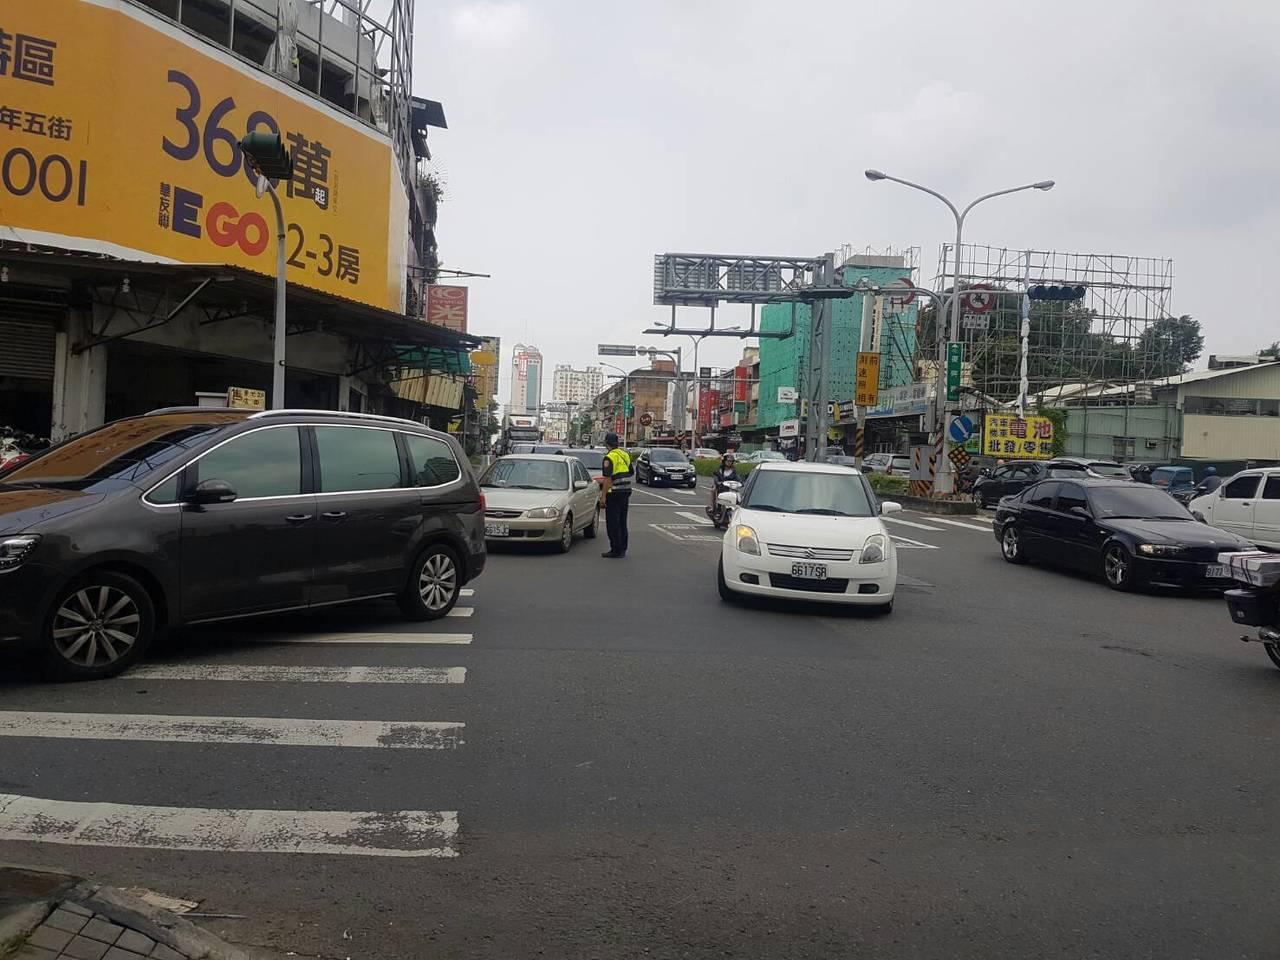 中秋連假首日,台南車流量大,但僅部分路段因車禍短暫塞車。記者周宗禎/攝影